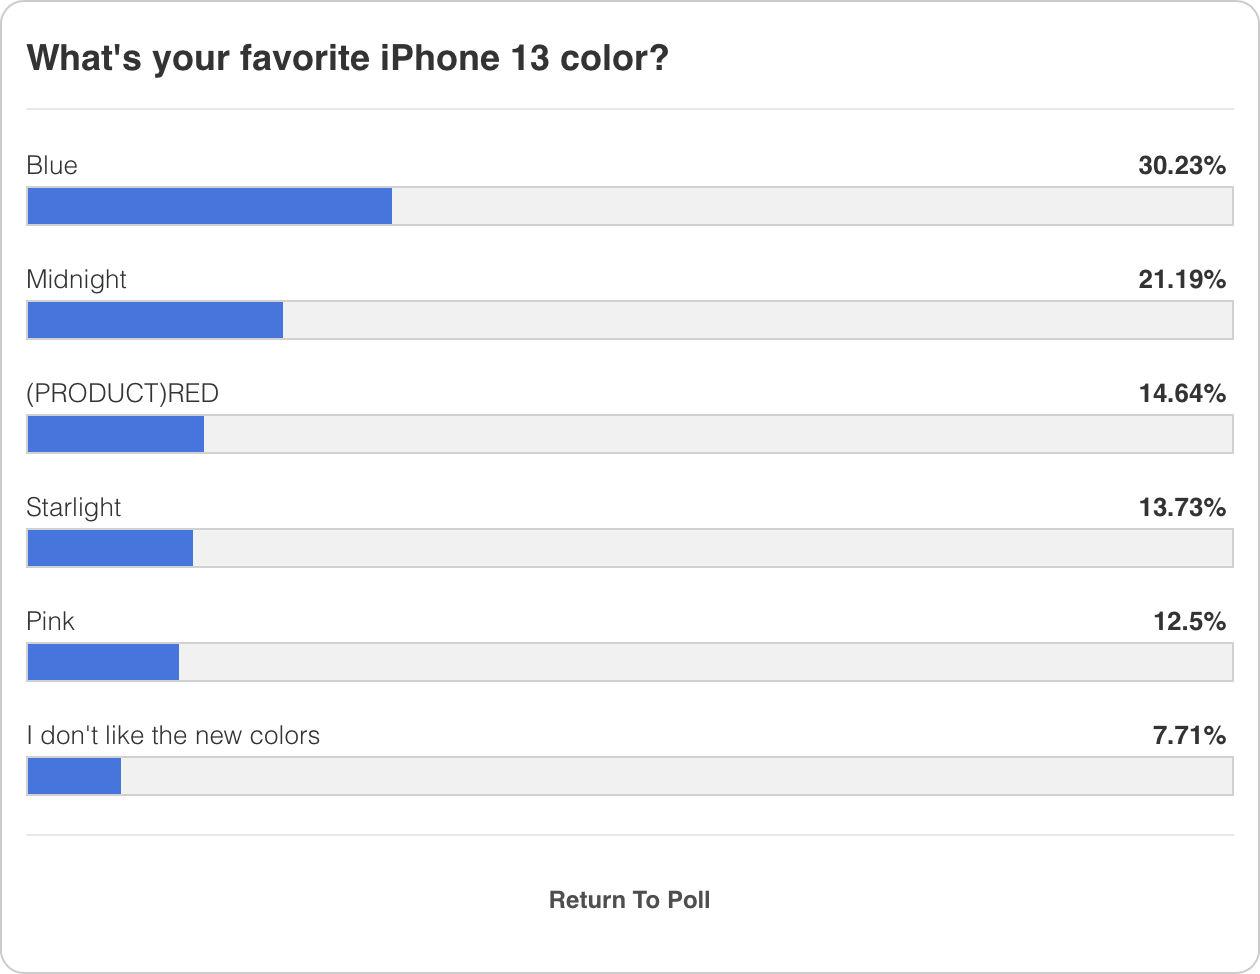 Màu iPhone 13 được yêu thích nhất